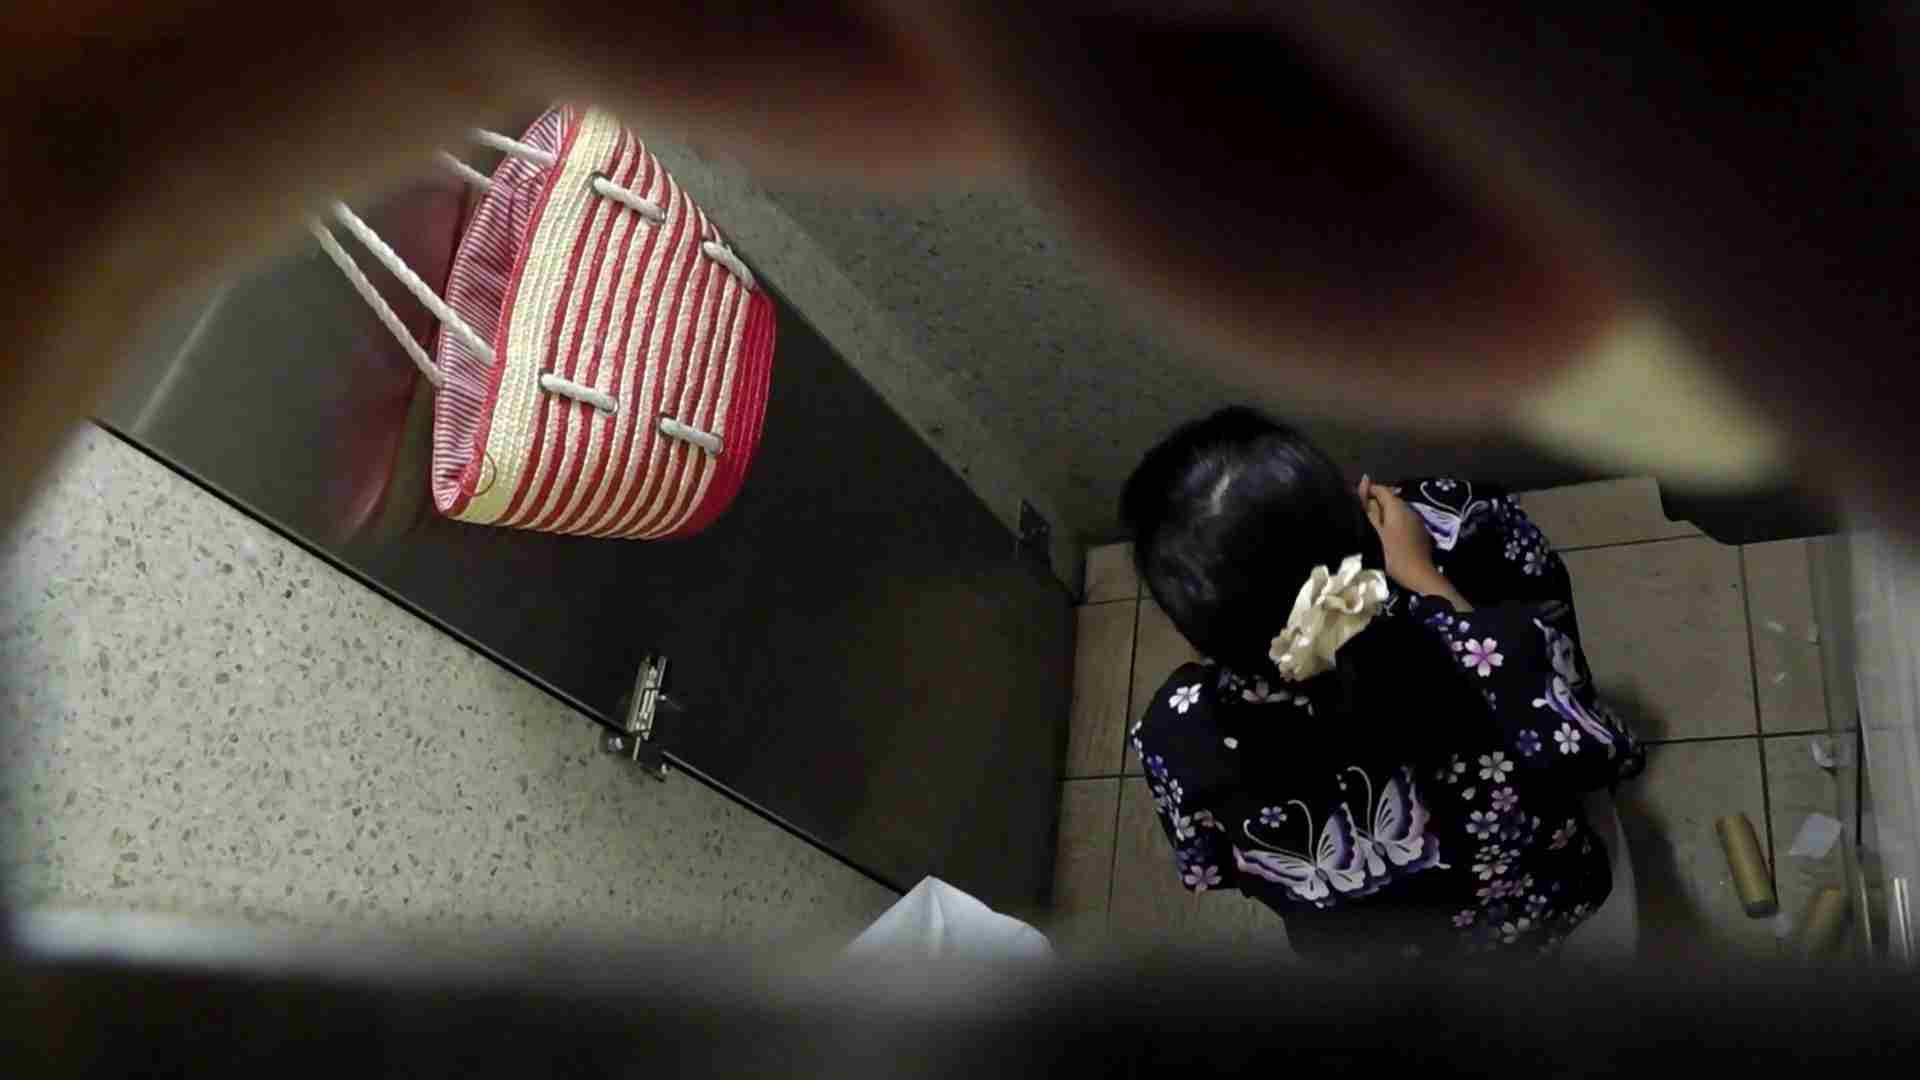 ▲復活限定▲マンコ丸見え!花火大会潜入撮 Vol.02 明るい場所に移動! マンコ ヌード画像 95画像 35